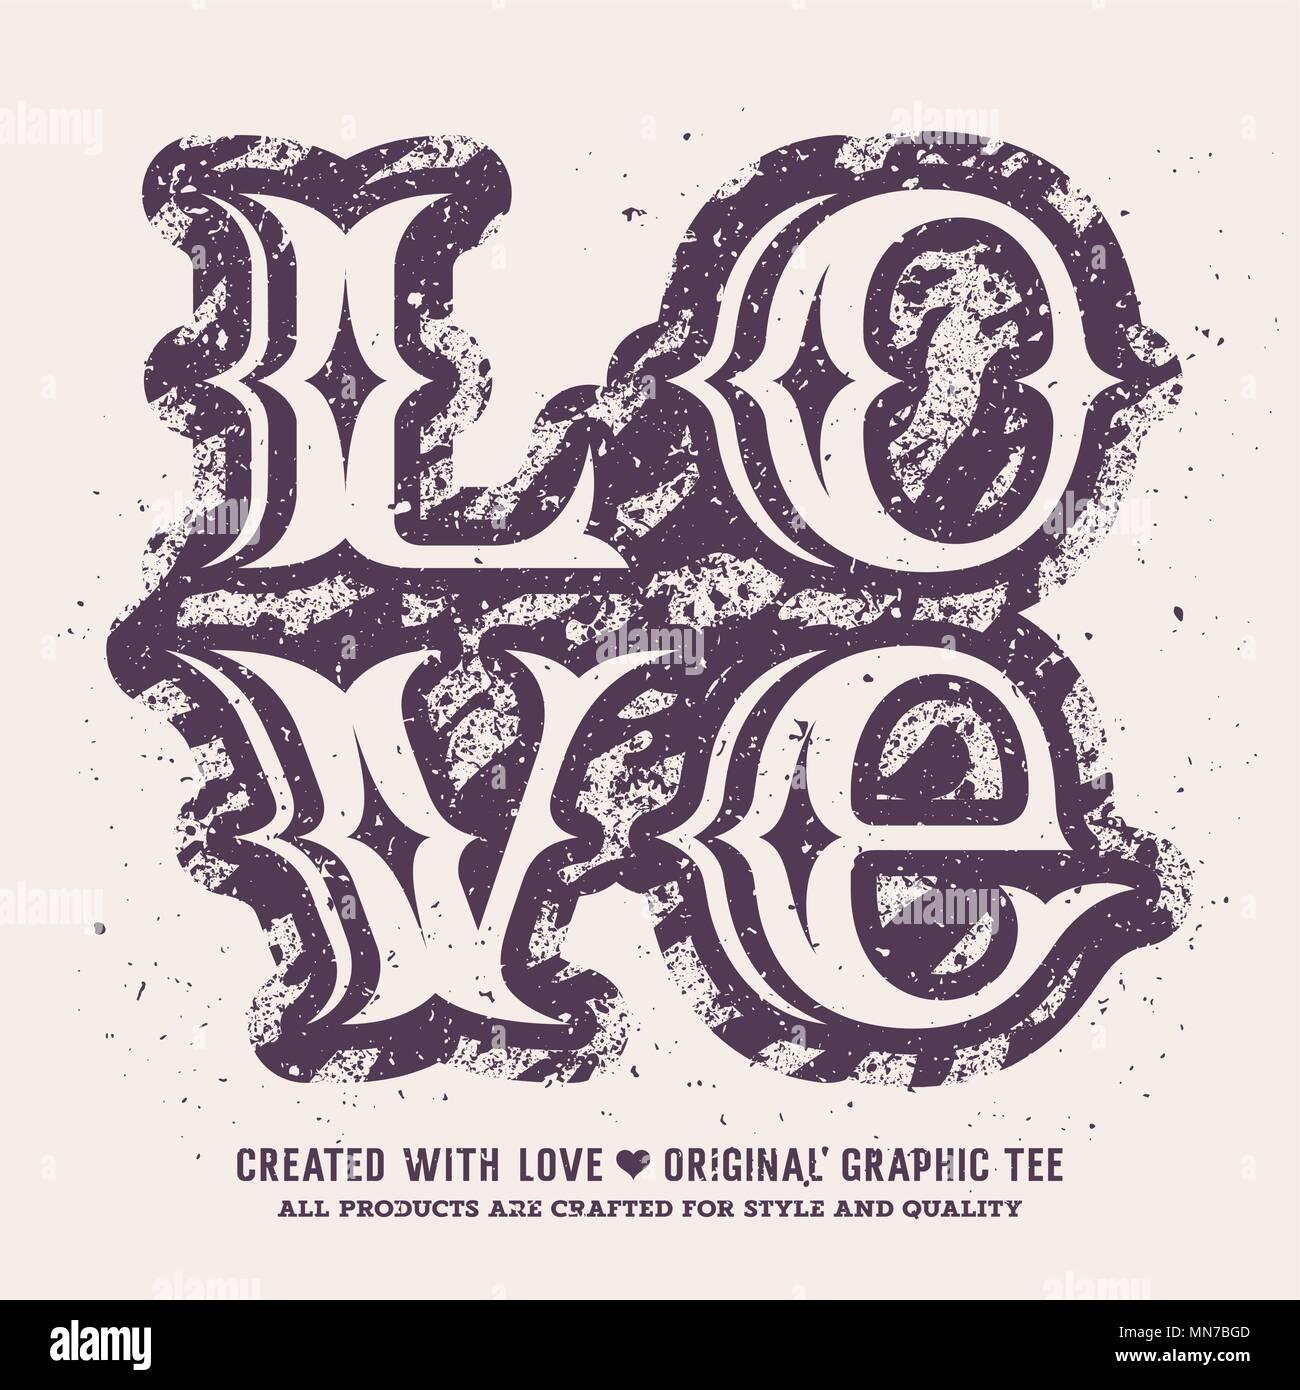 Liebe Schriftzug. Valentines Tag romantische Vector Illustration. T-shirt Bekleidung Grafiken drucken. Original Graphic Tee Stockbild